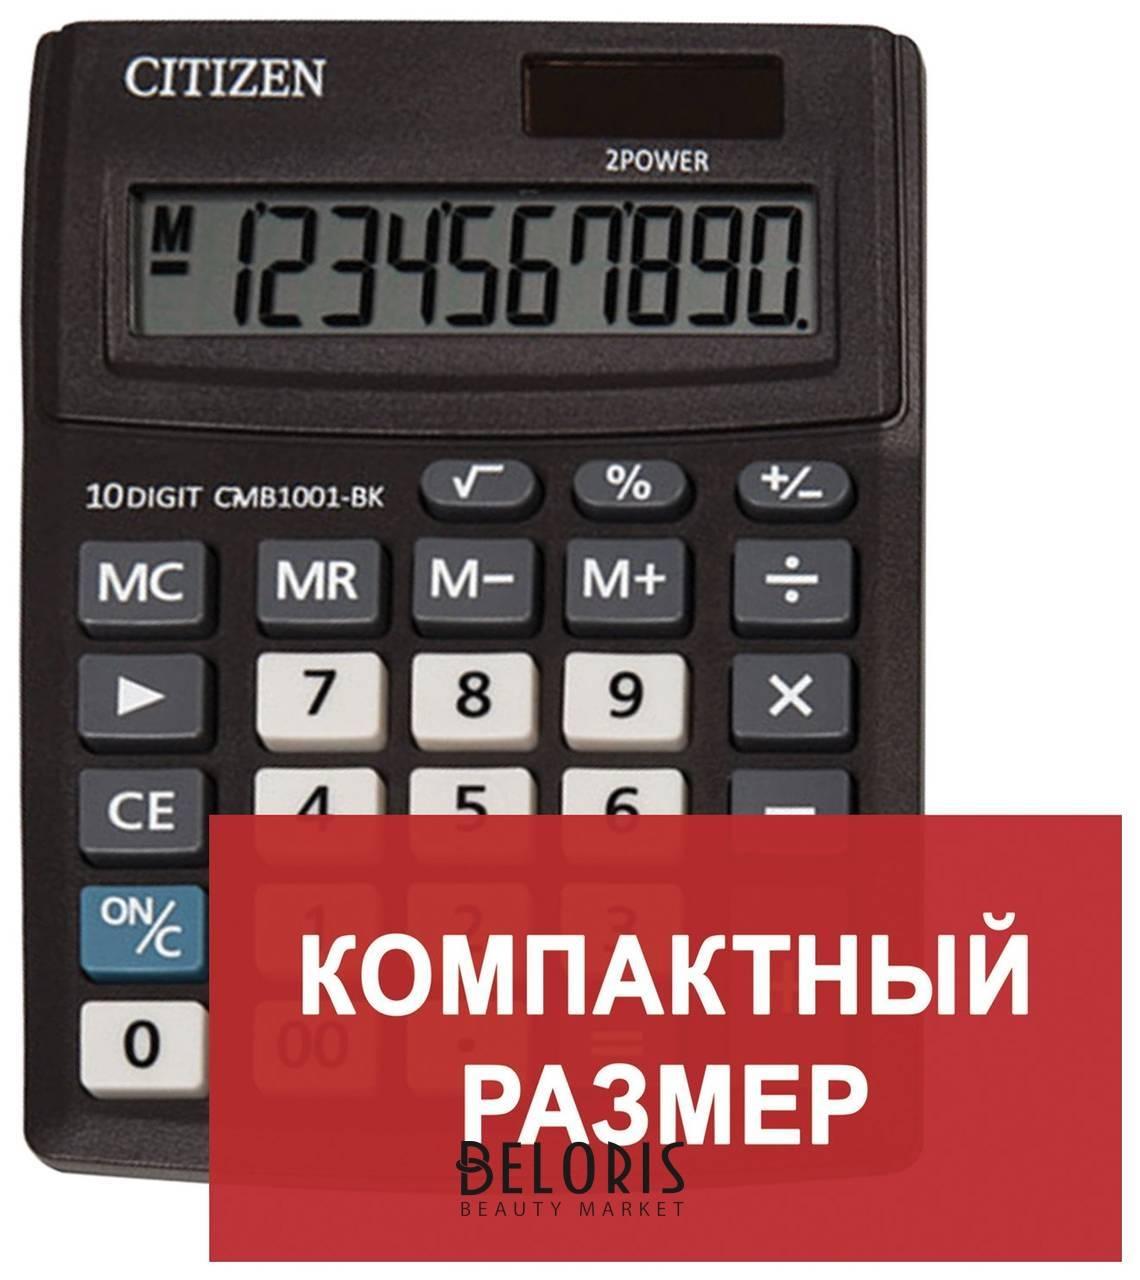 Калькулятор настольный Citizen Business Line Cmb1001bk, малый (136x100 мм), 10 разрядов, двойное питание Citizen